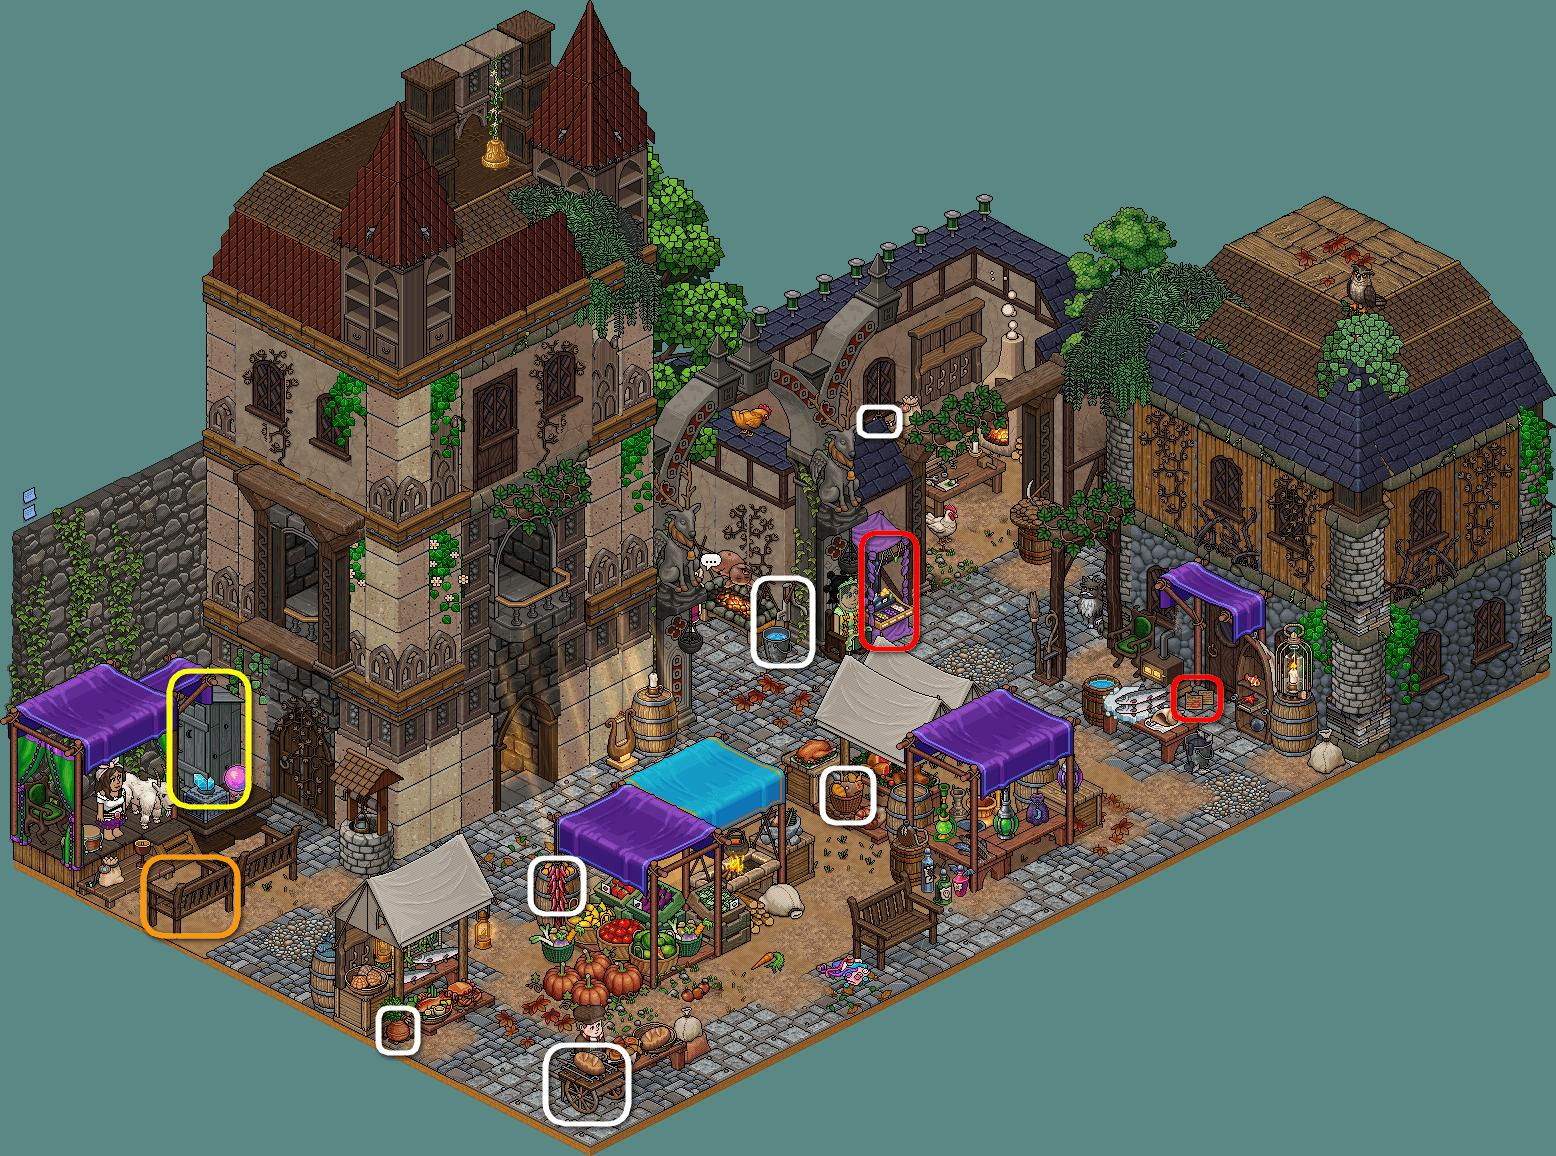 [Laby15-10-Chap2] - Time travel - M.A 1482 Place du marché